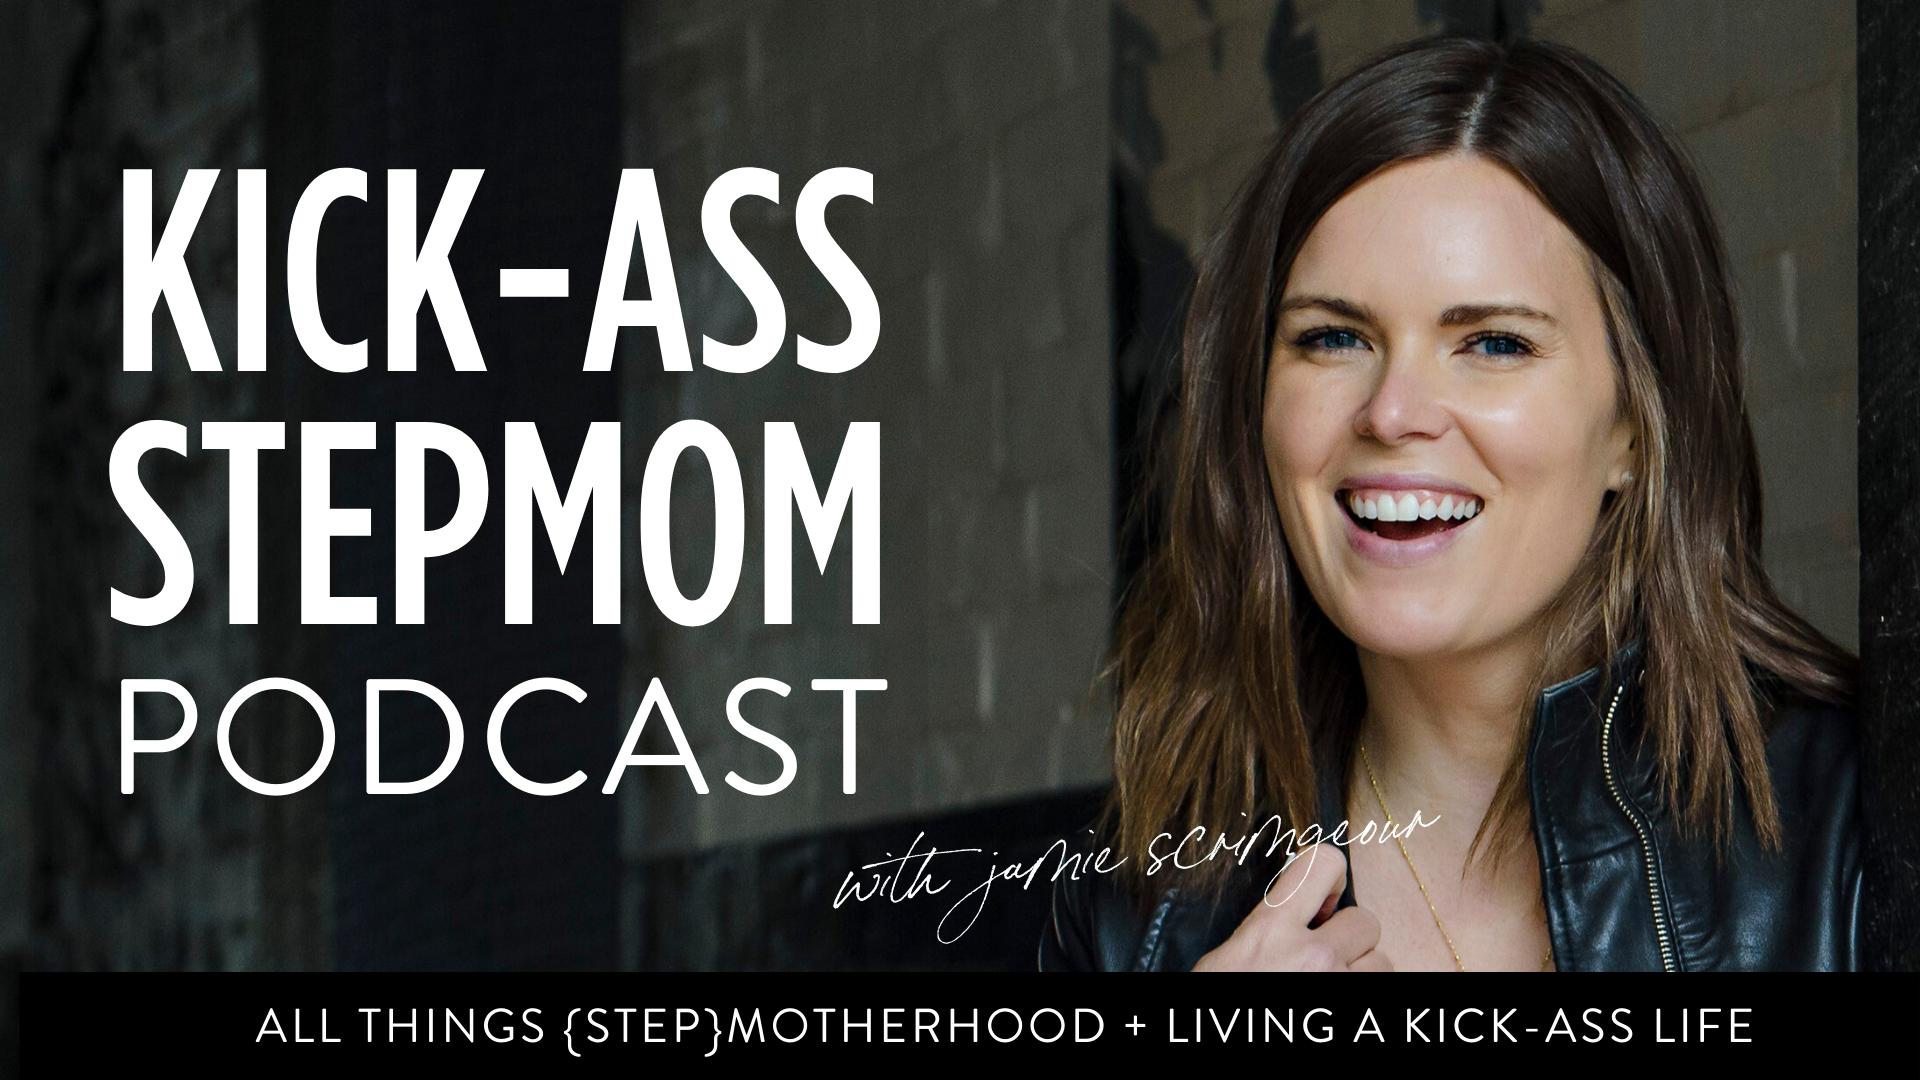 KICK-ASS Stepmom Podcast - Jamie Scrimgeour